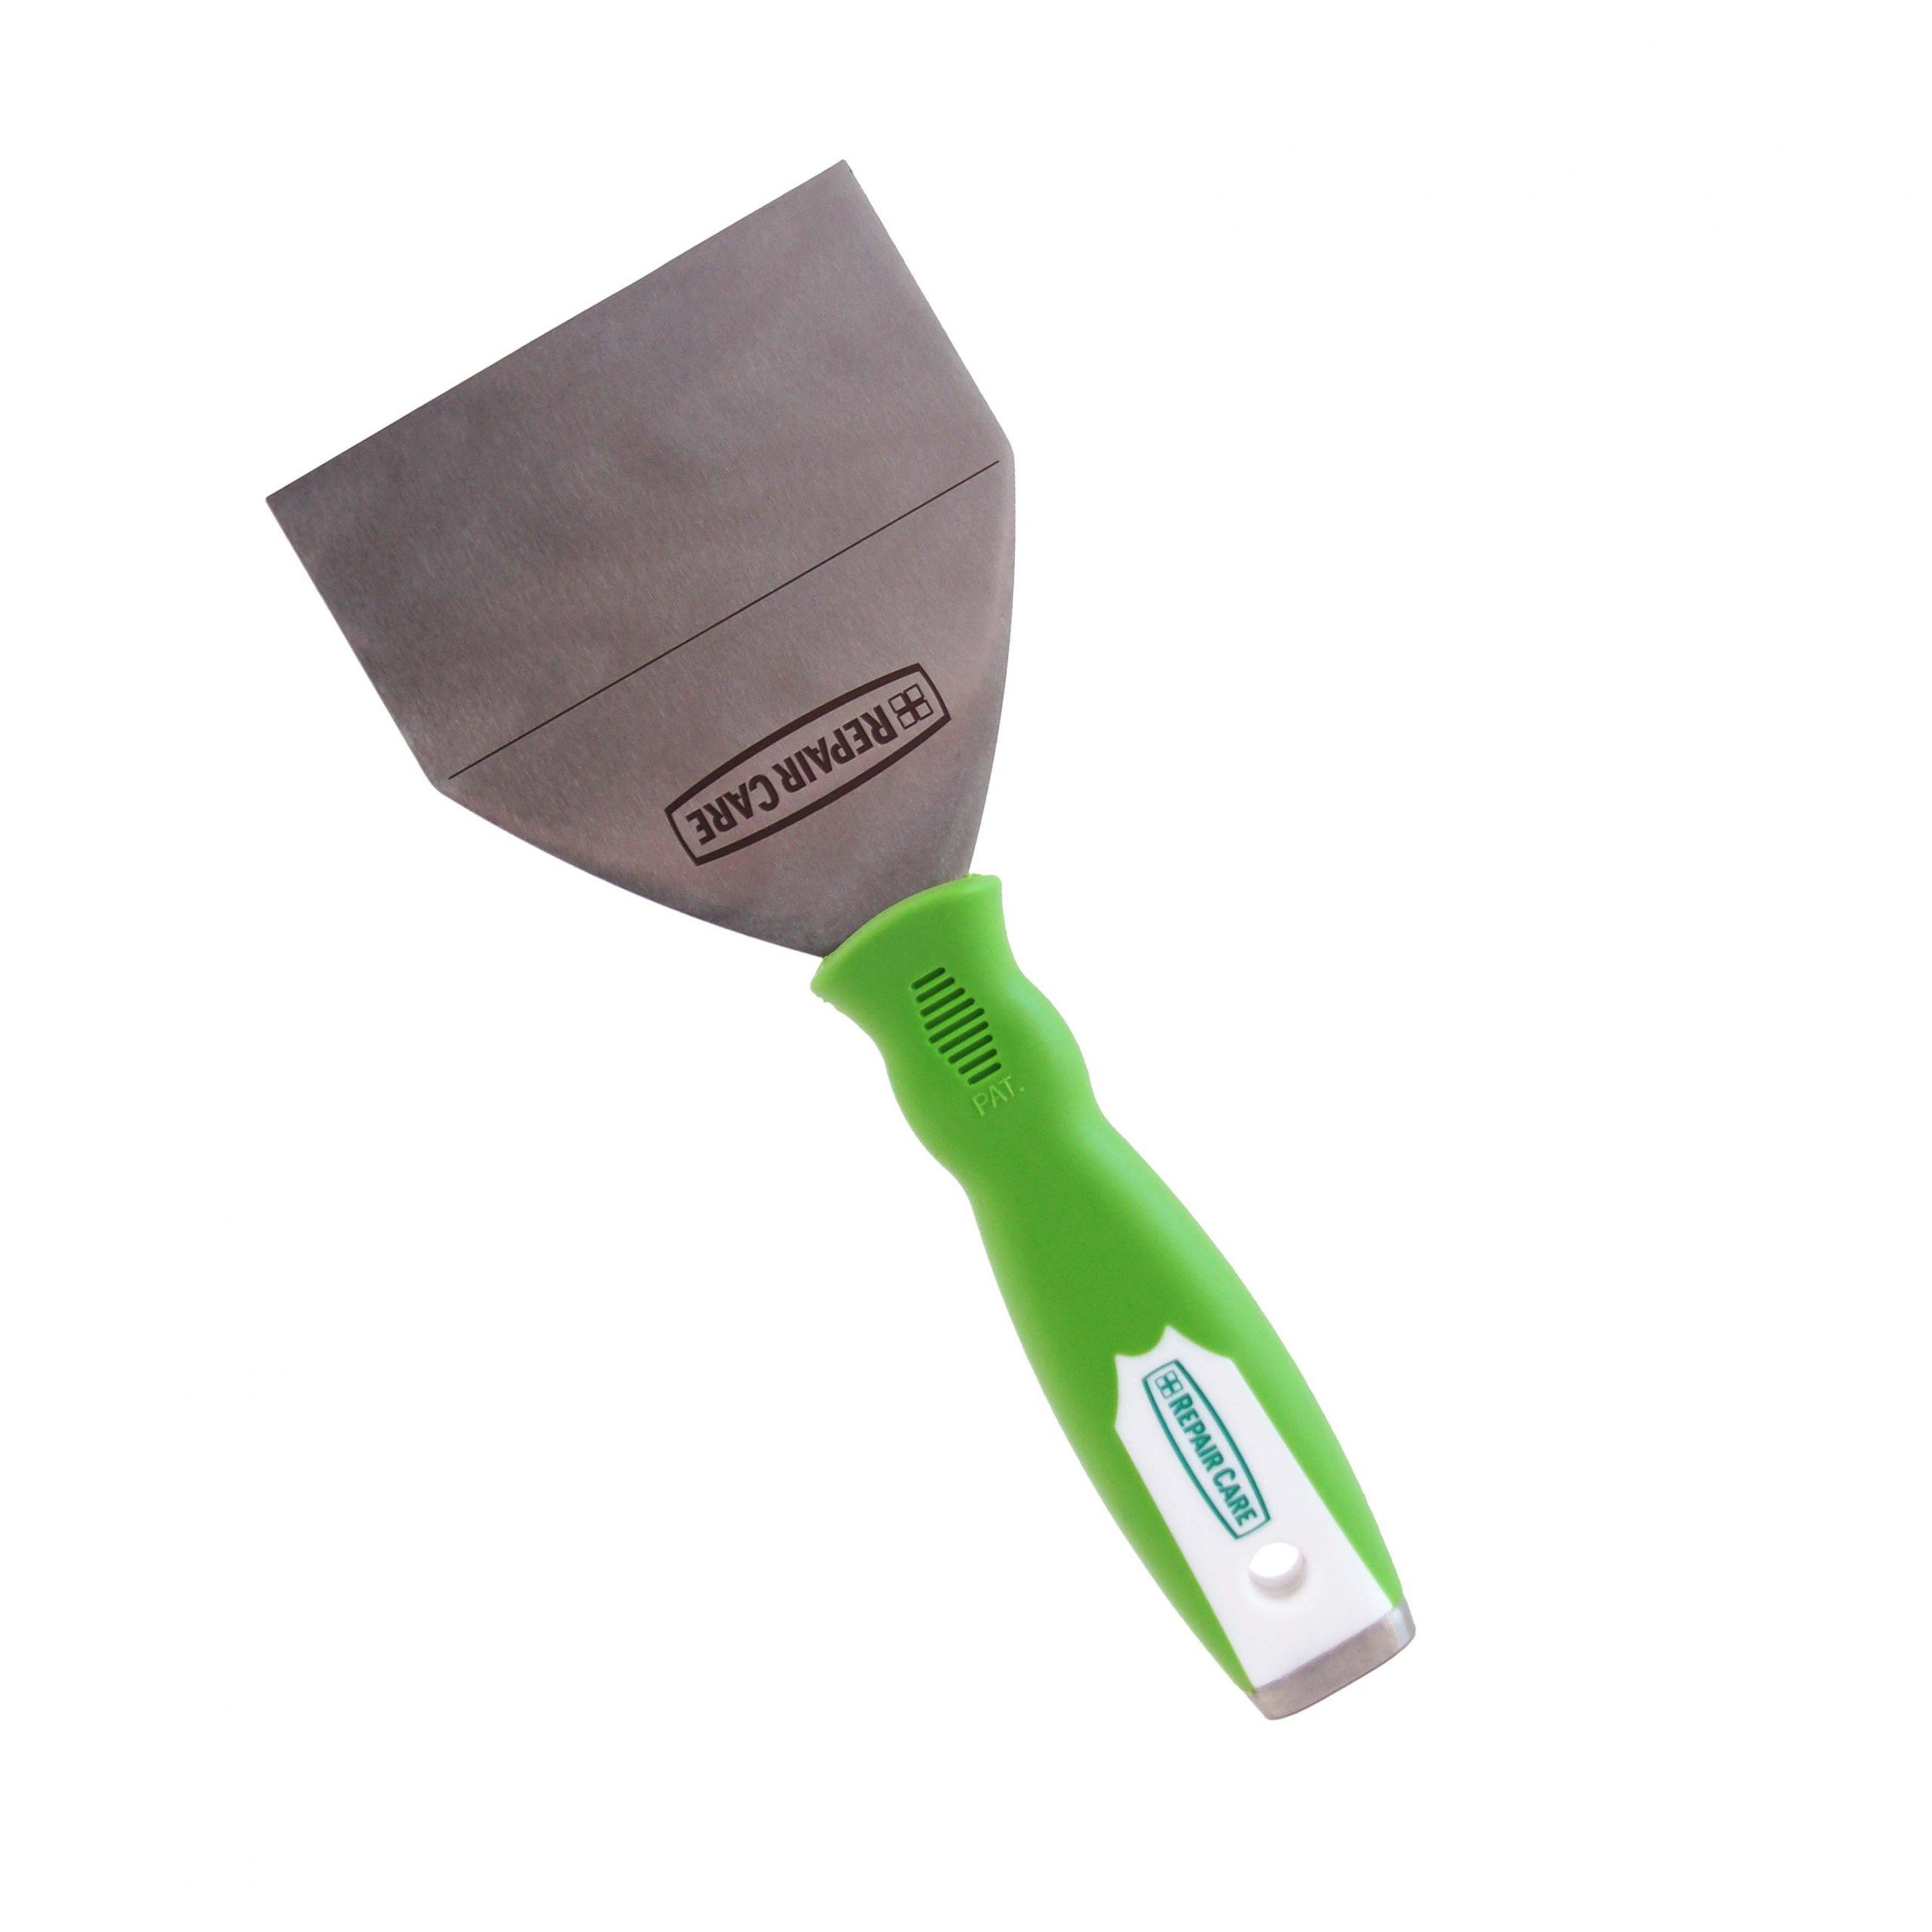 Easy Q modelling knife 10 cm stainless steel